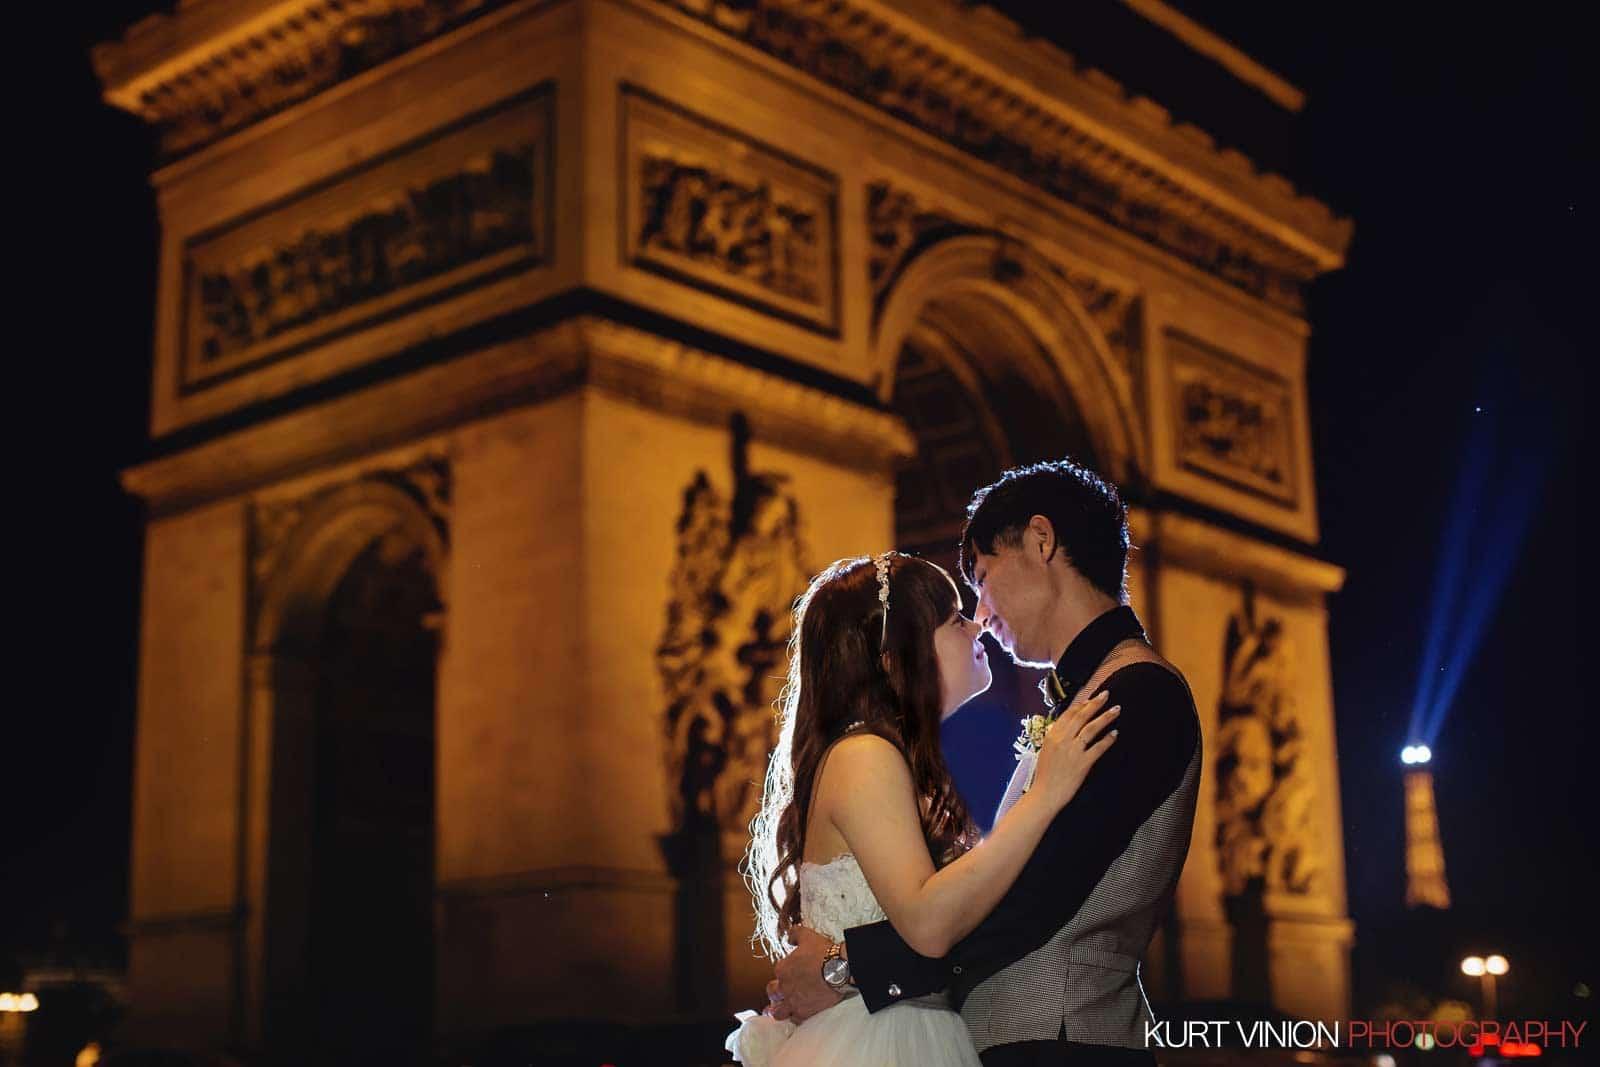 Paris overseas photos / N & K / Arc de Triomphe de l'Étoile portraits